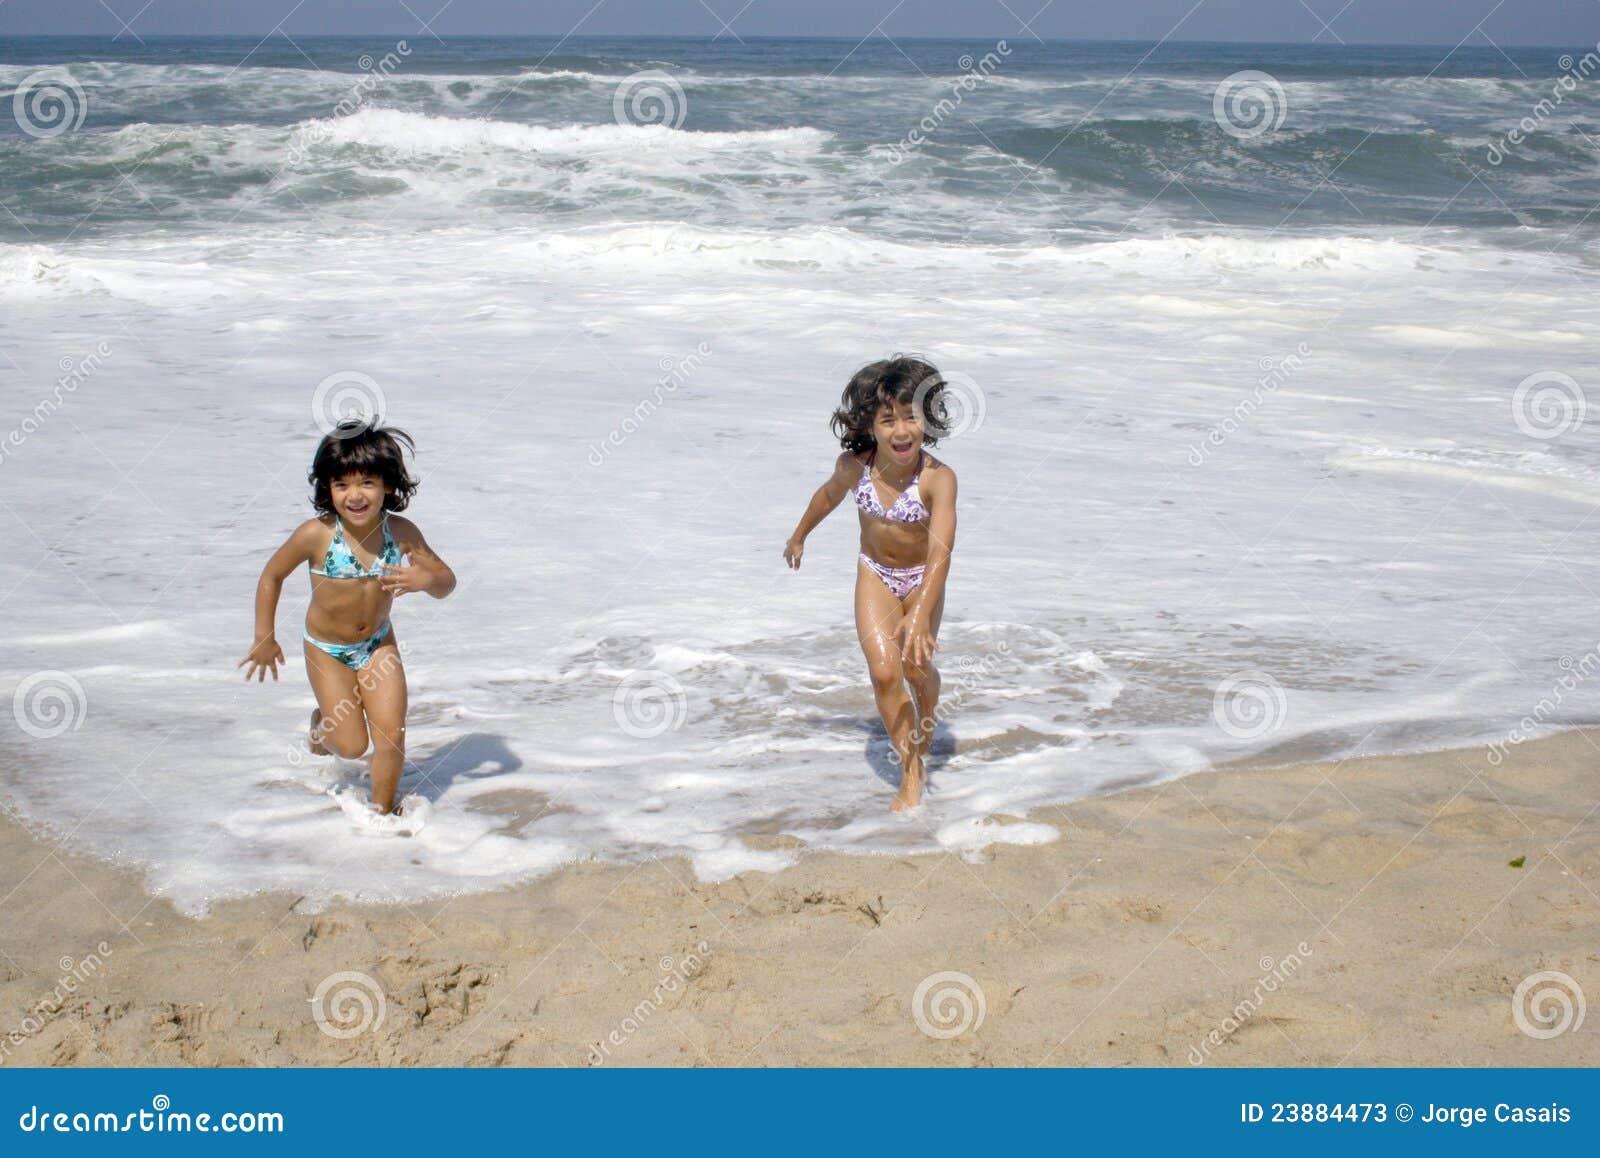 Beautiful girl in bikini in the beach